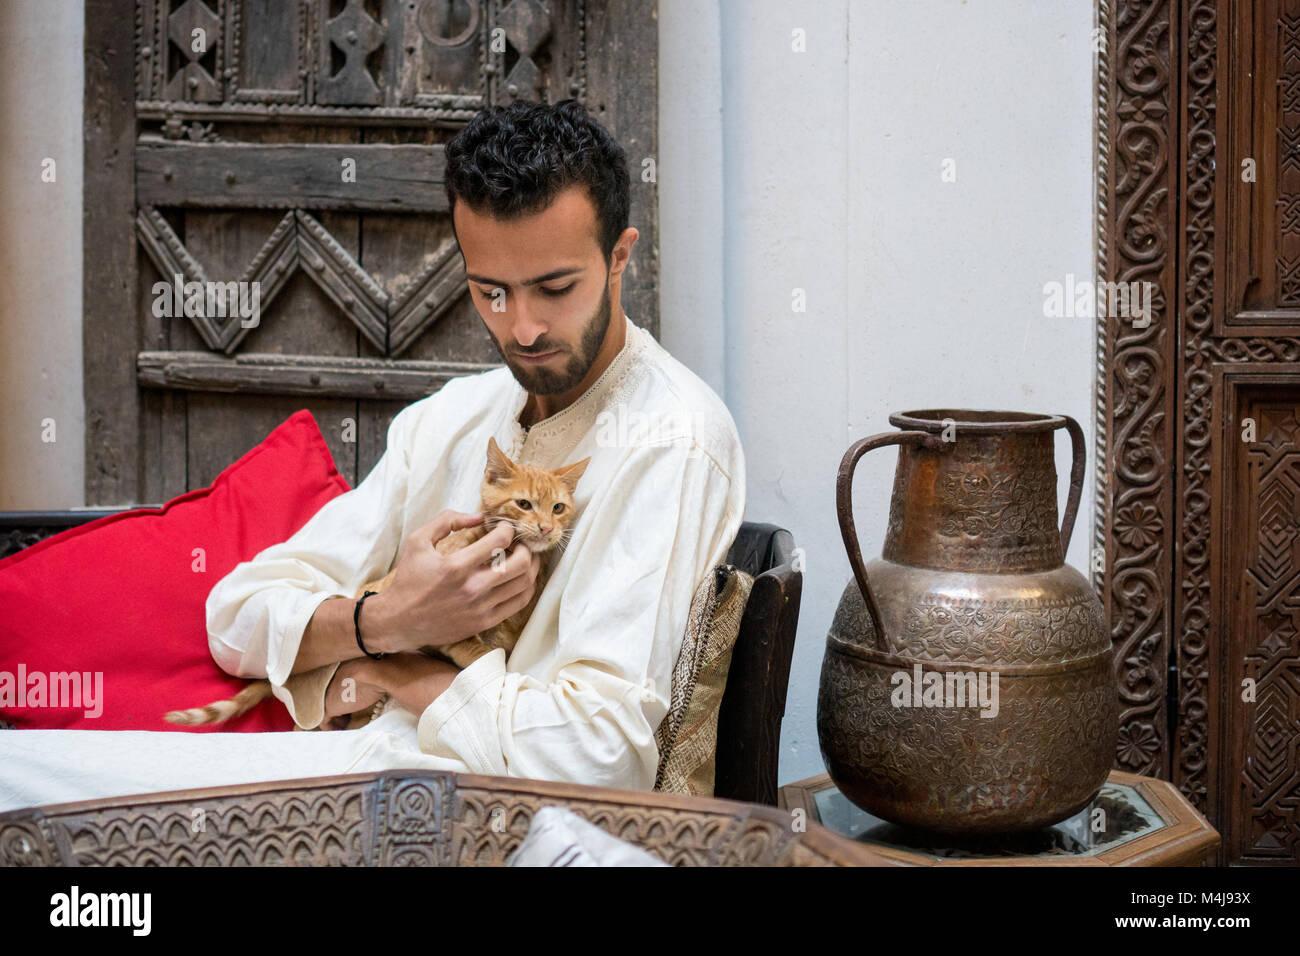 Joven musulmلn en vestimentas tradicionales sosteniendo un gato amarillo delante de un muro decorado Imagen De Stock